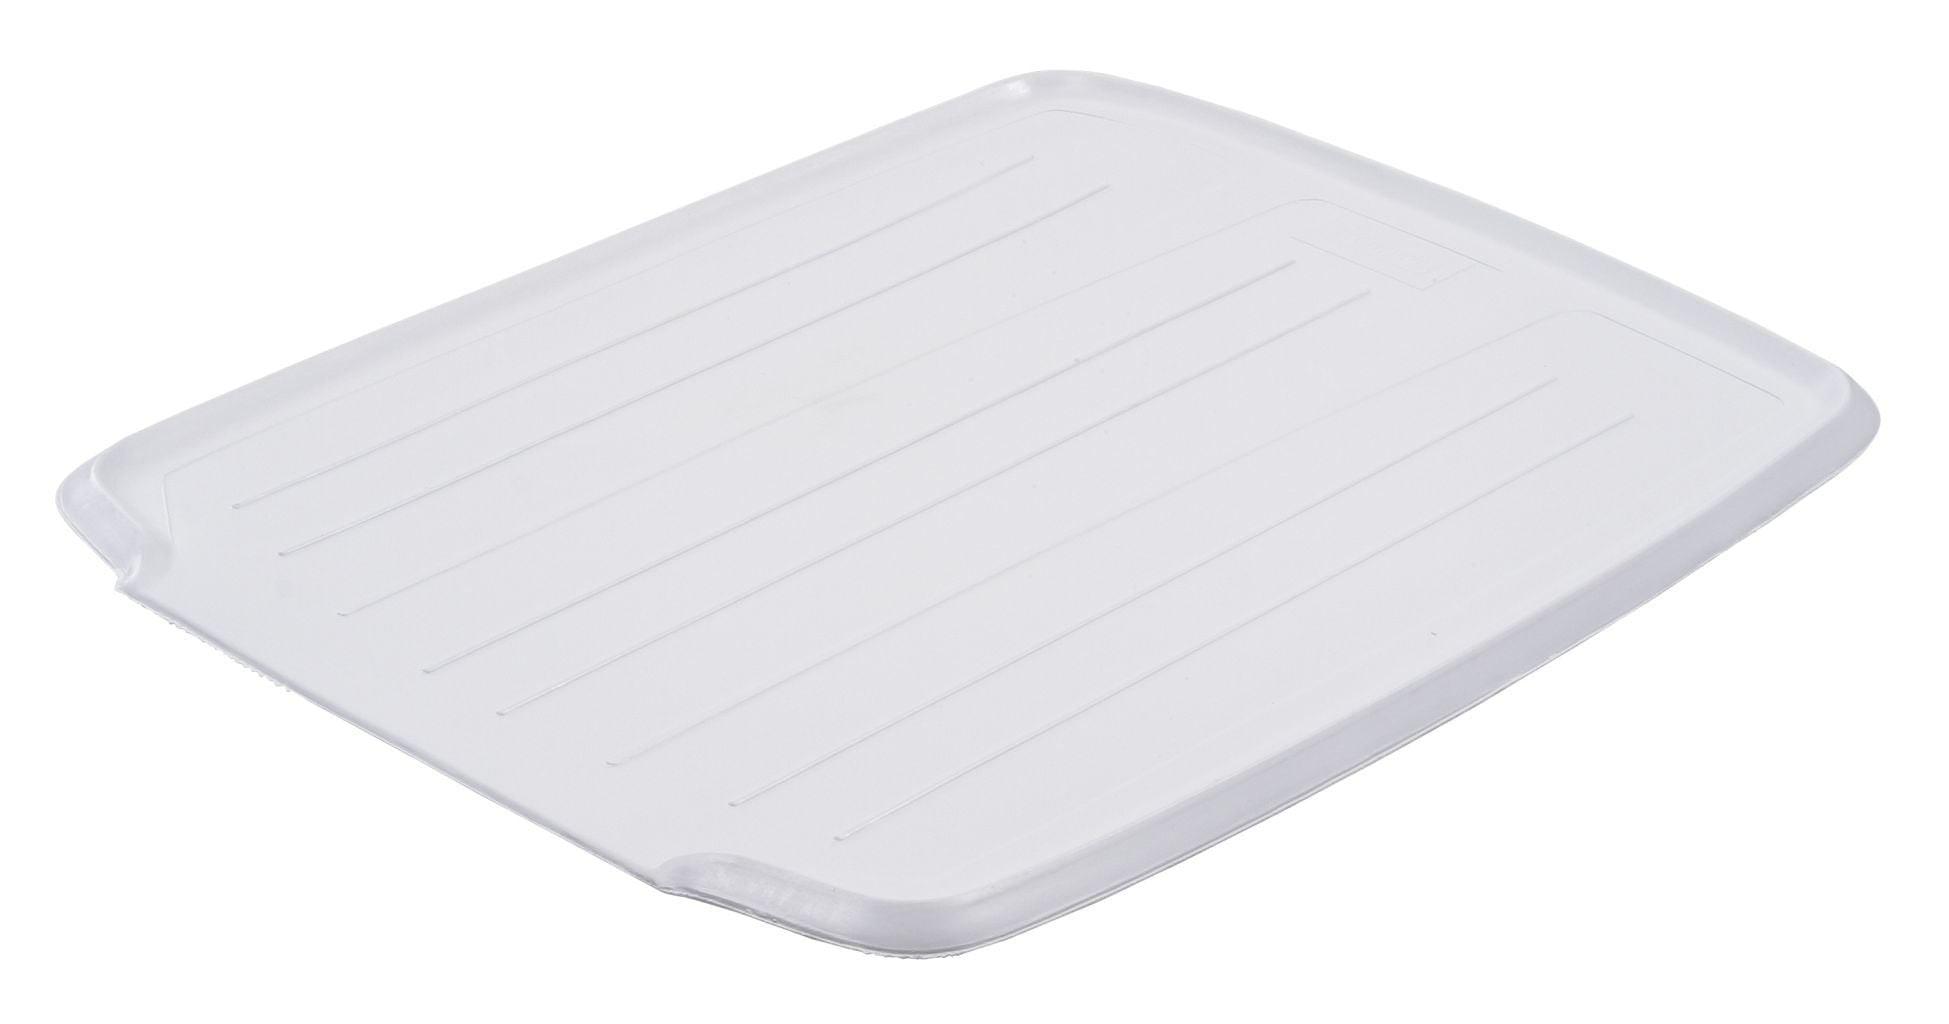 Curver afdruipmat wit  de afdruipmat is gemaakt van een hoge kwaliteit natuurrubber, waardoor de ...